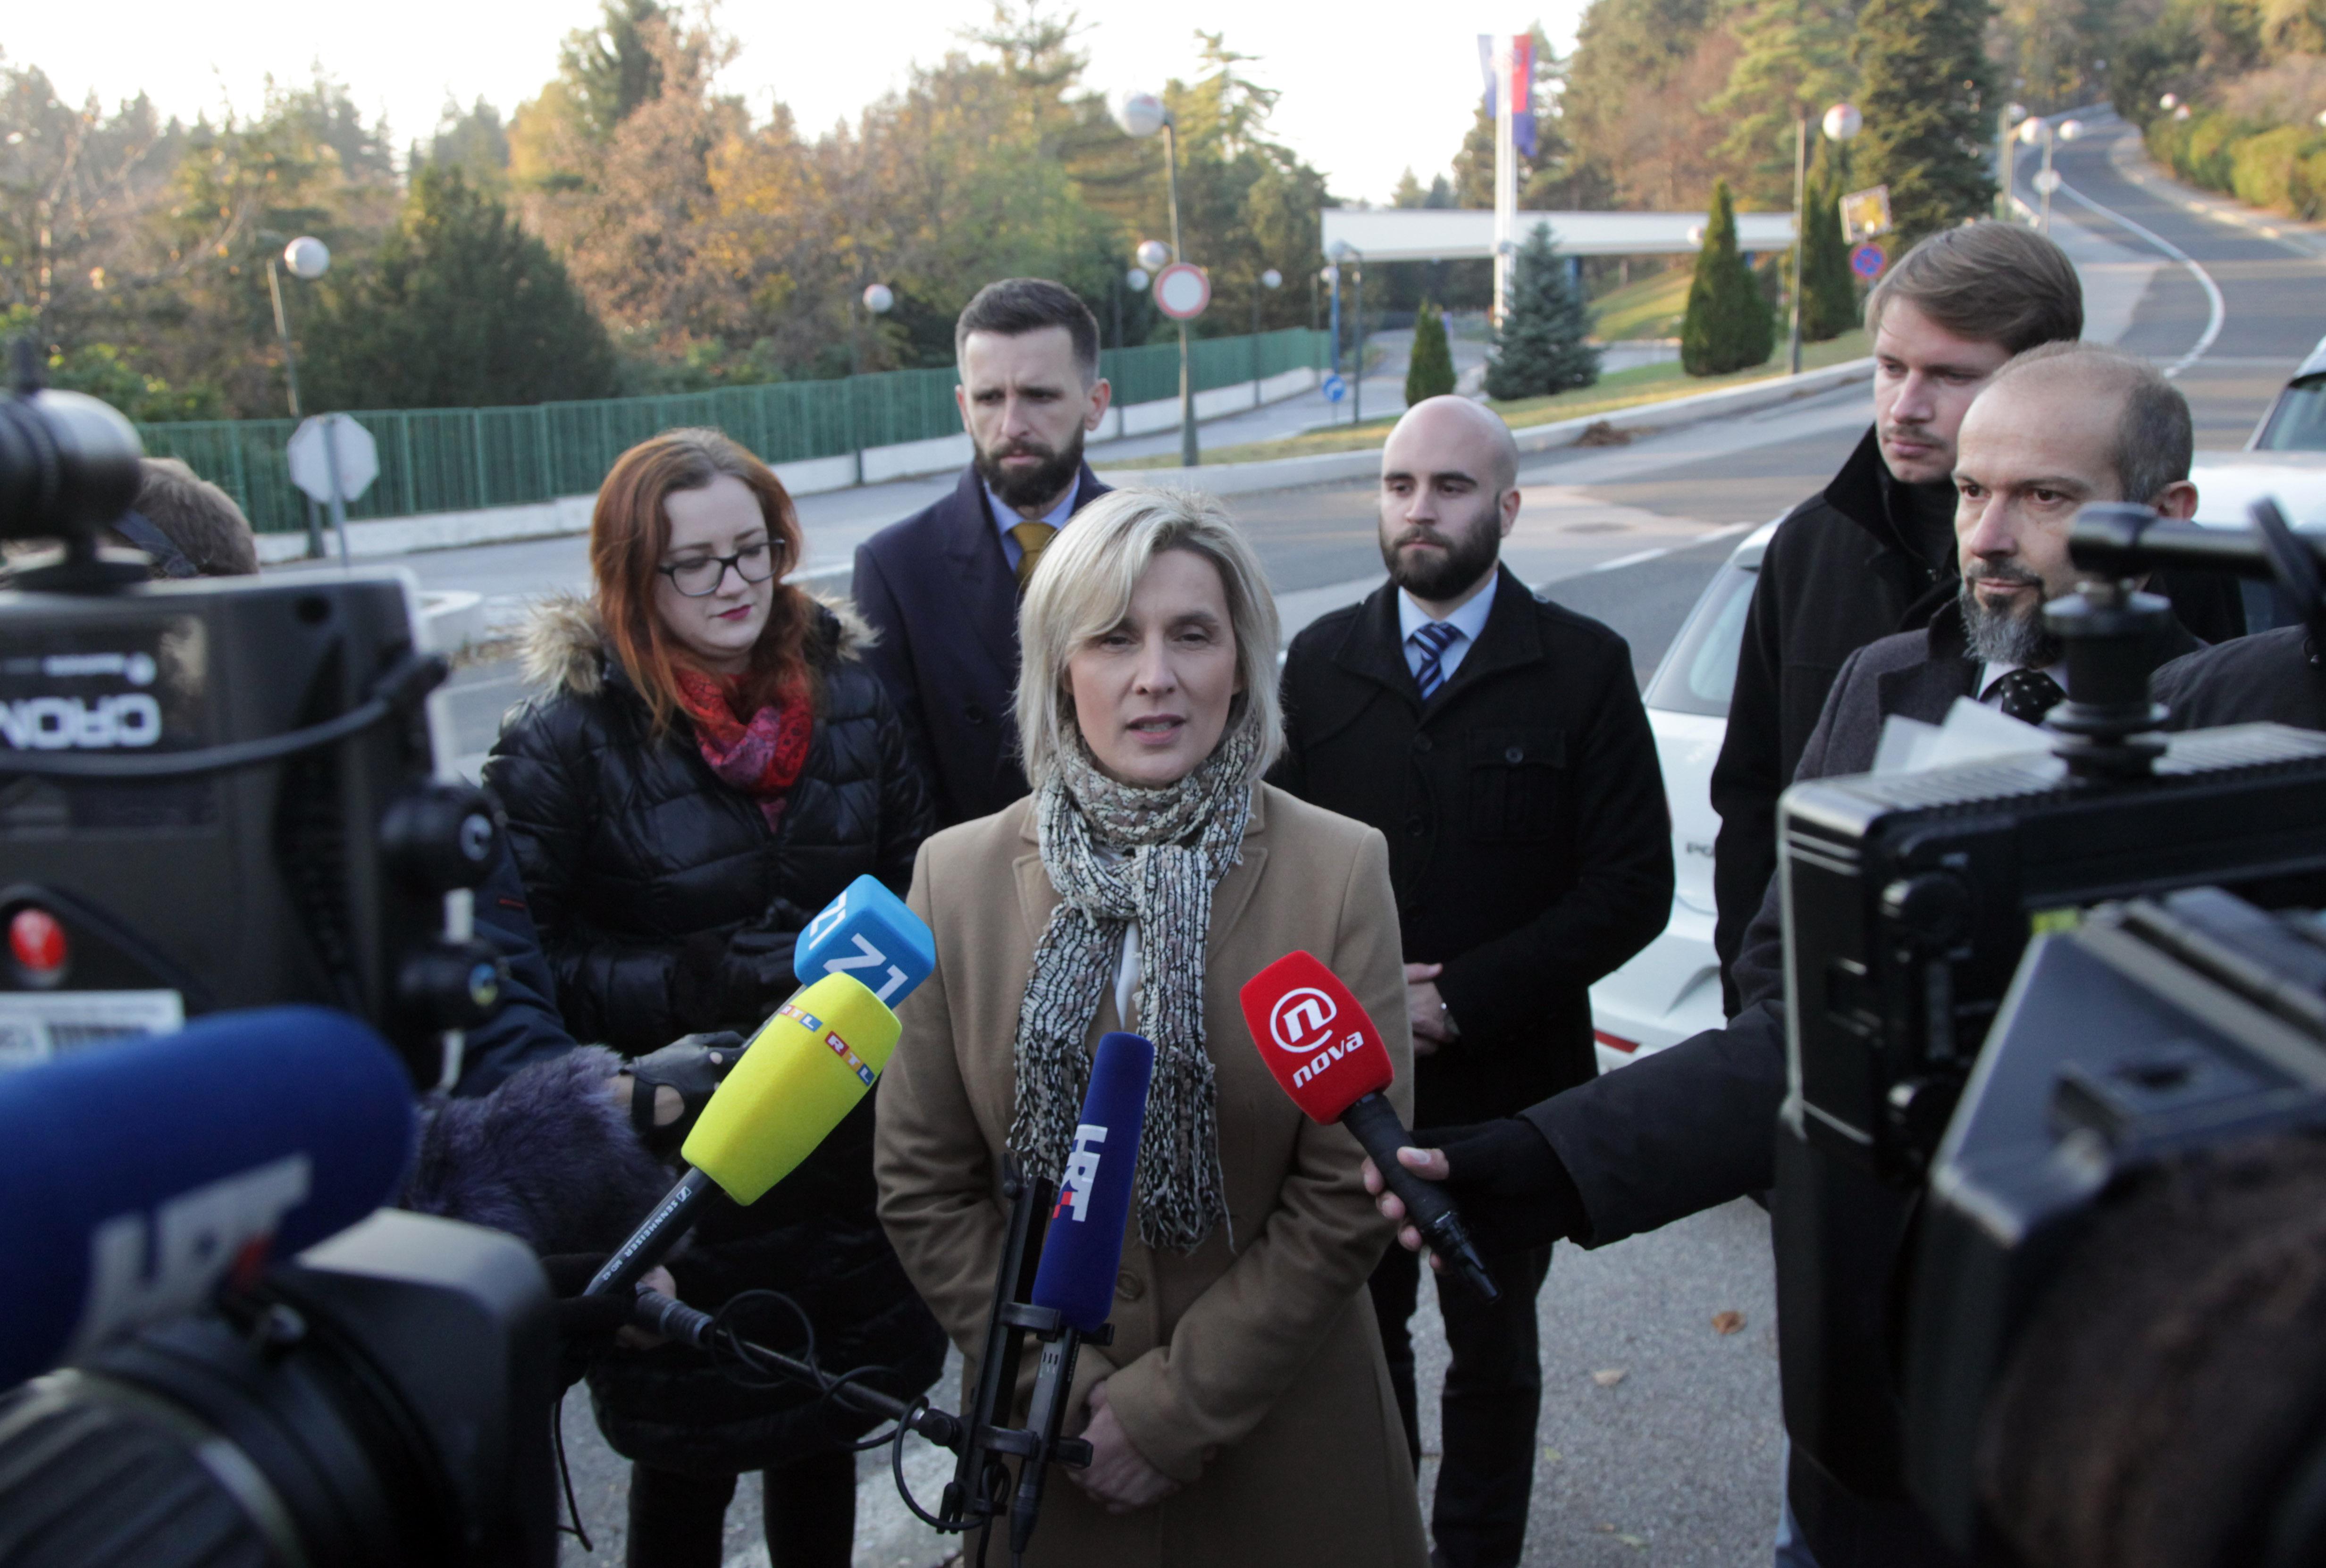 """Građanska inicijativa """"Narod odlučuje"""" komentirala sastanak s predsjednicom"""